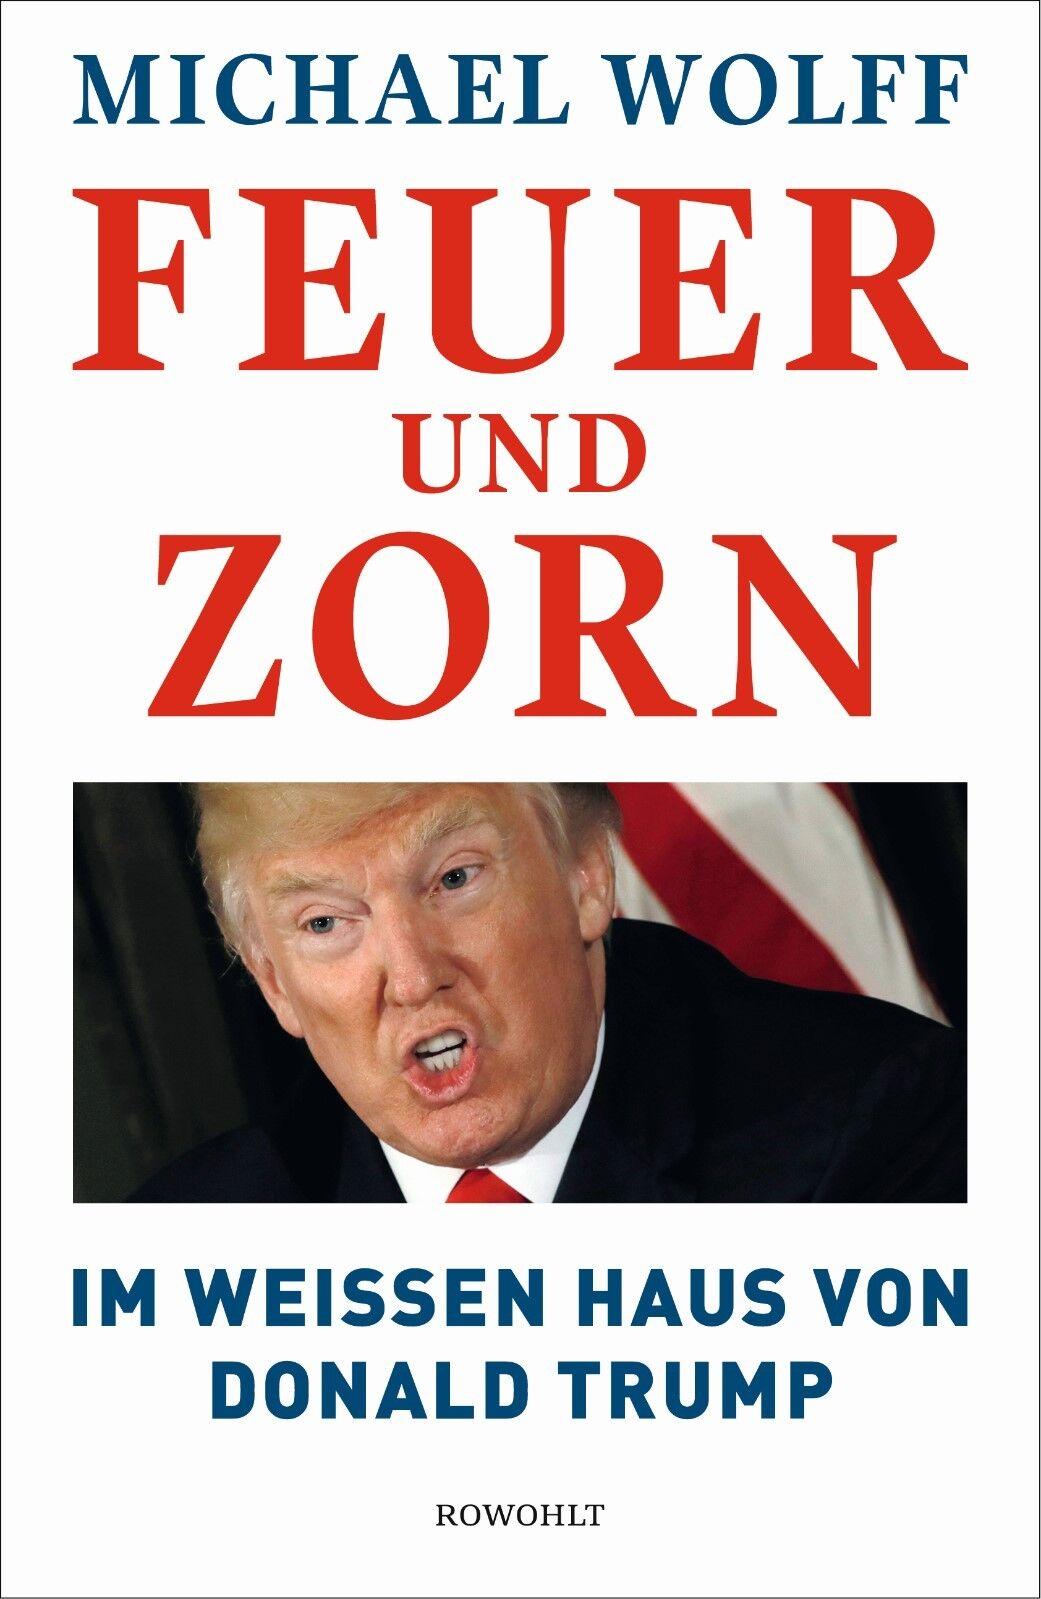 FIRE AND FURY: Deutsche Ausgabe FEUER UND ZORN. Michael Wolff. Trump. Lieferbar!